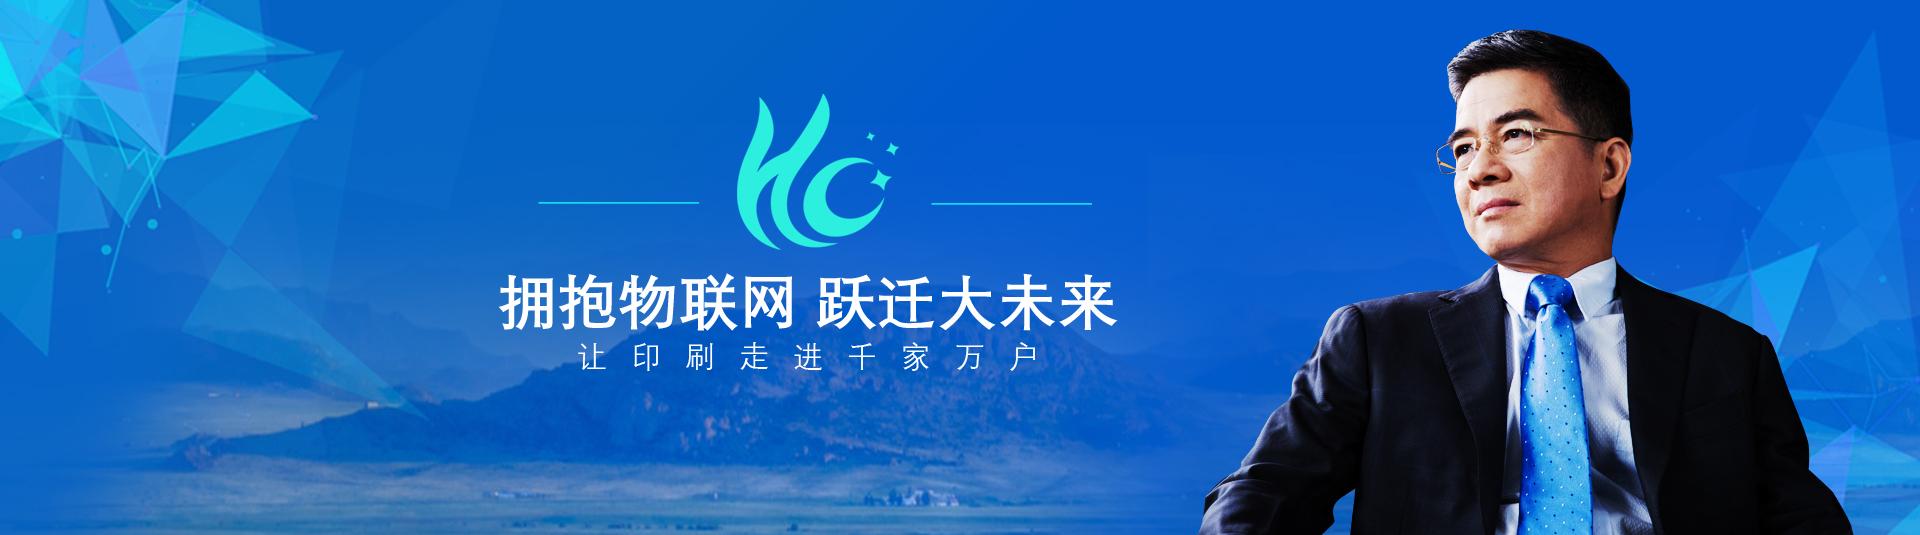 千赢国际pt物联网构想